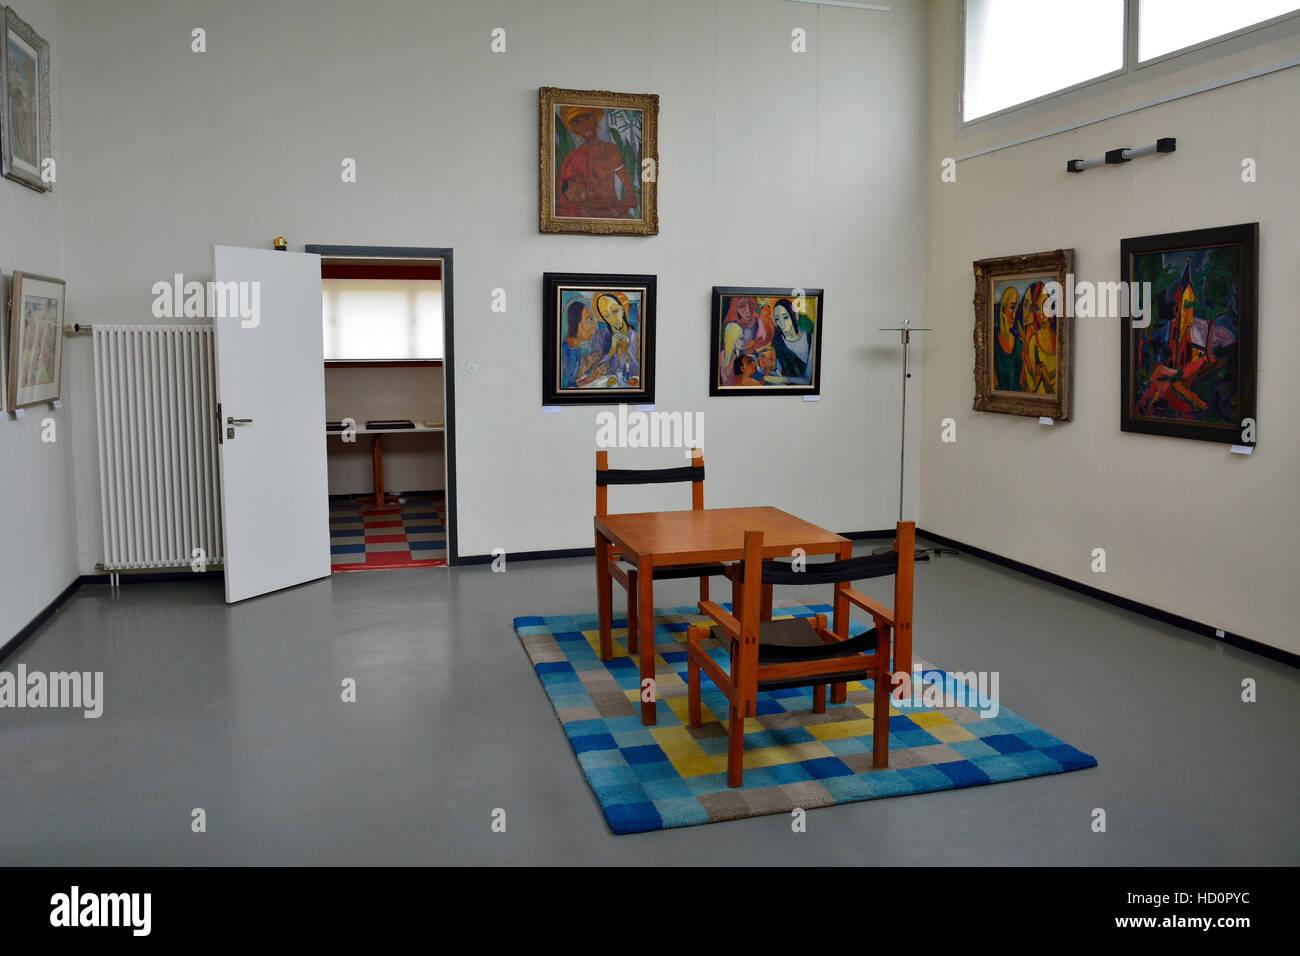 Interieur des Hauses am Horn Gebäude in Weimar Stockfoto, Bild ...